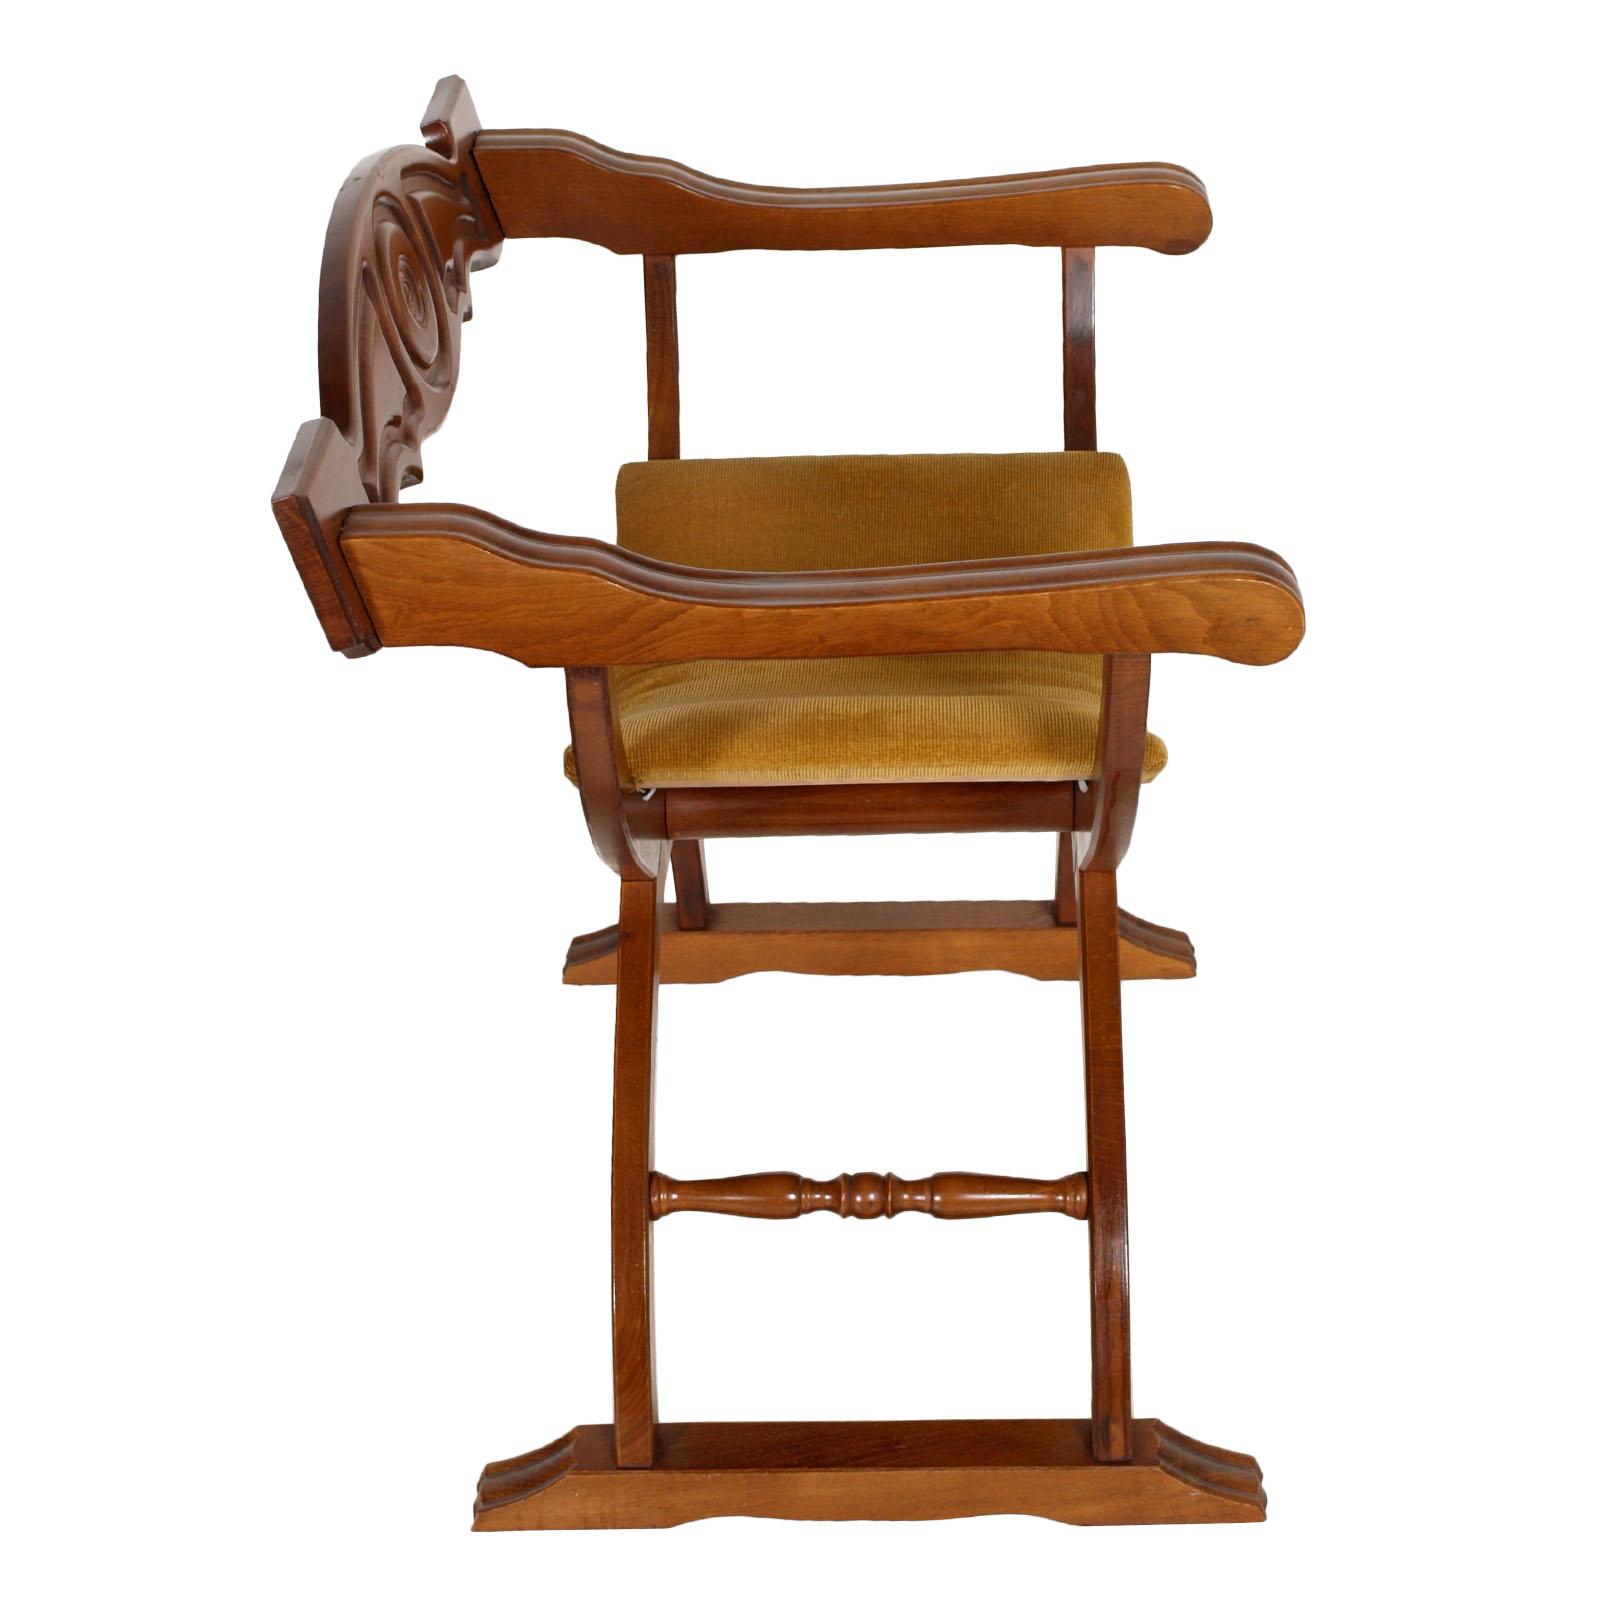 Vintage reinassance chair sedia dantesca savonarola - Savonarola sedia ...